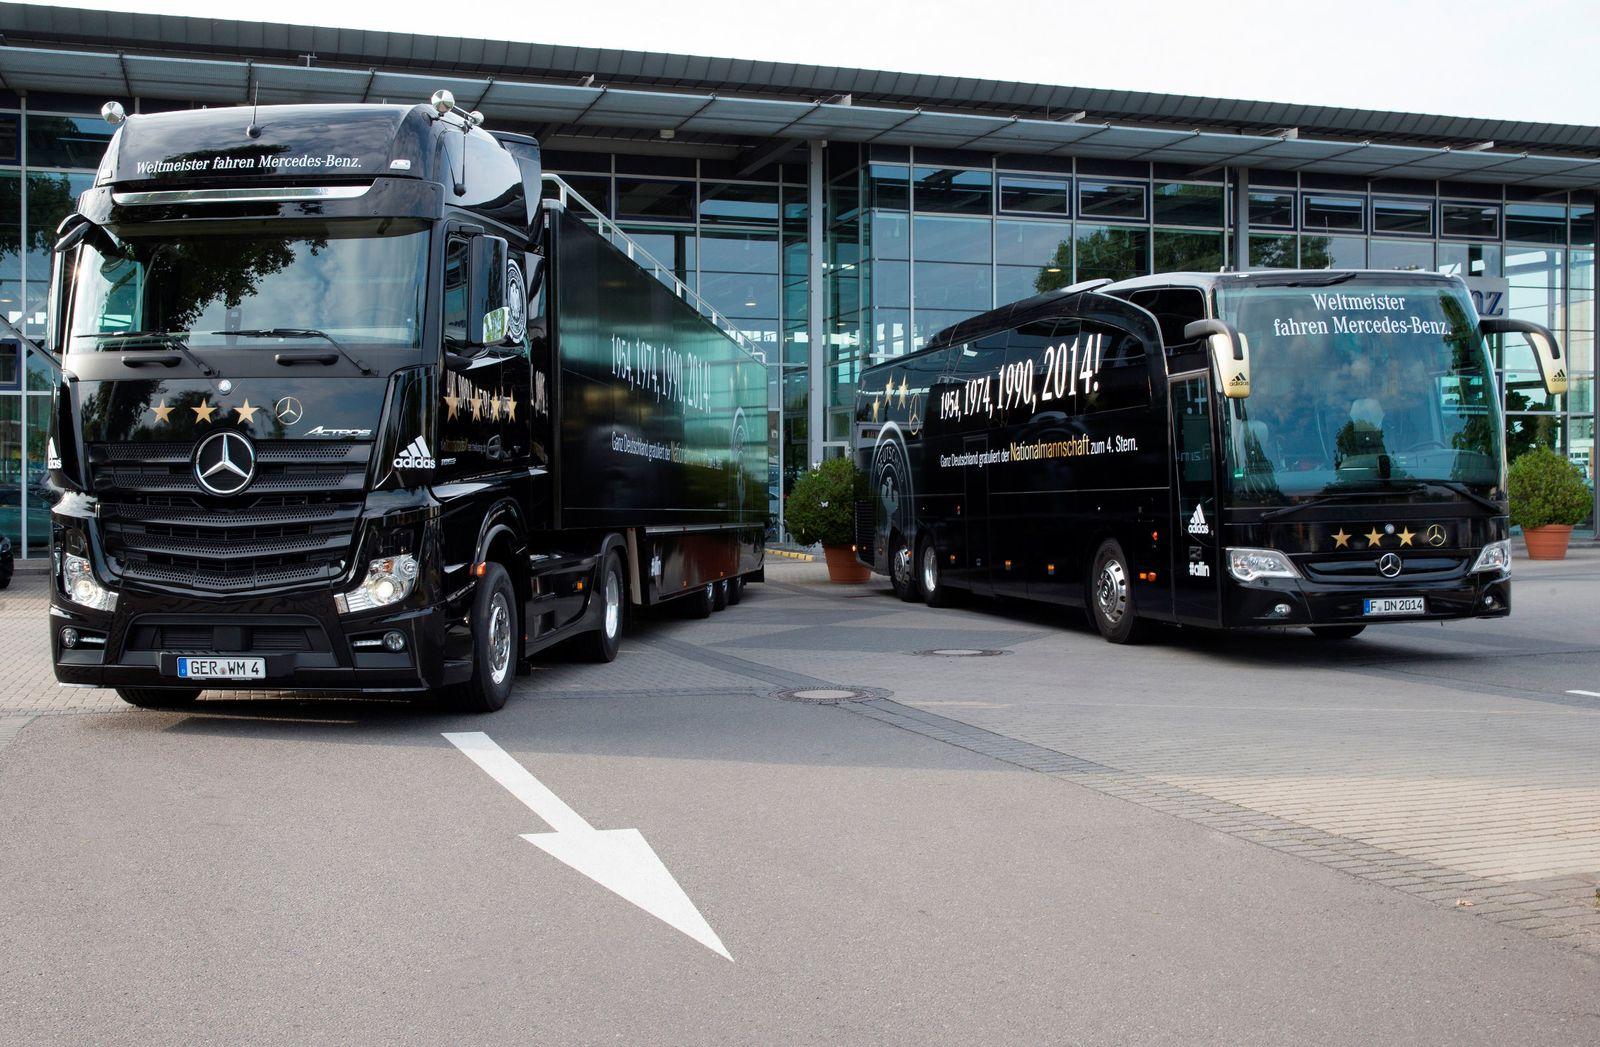 World Cup 2014 - WM-Truck und Mannschaftsbus des DFB-Teams